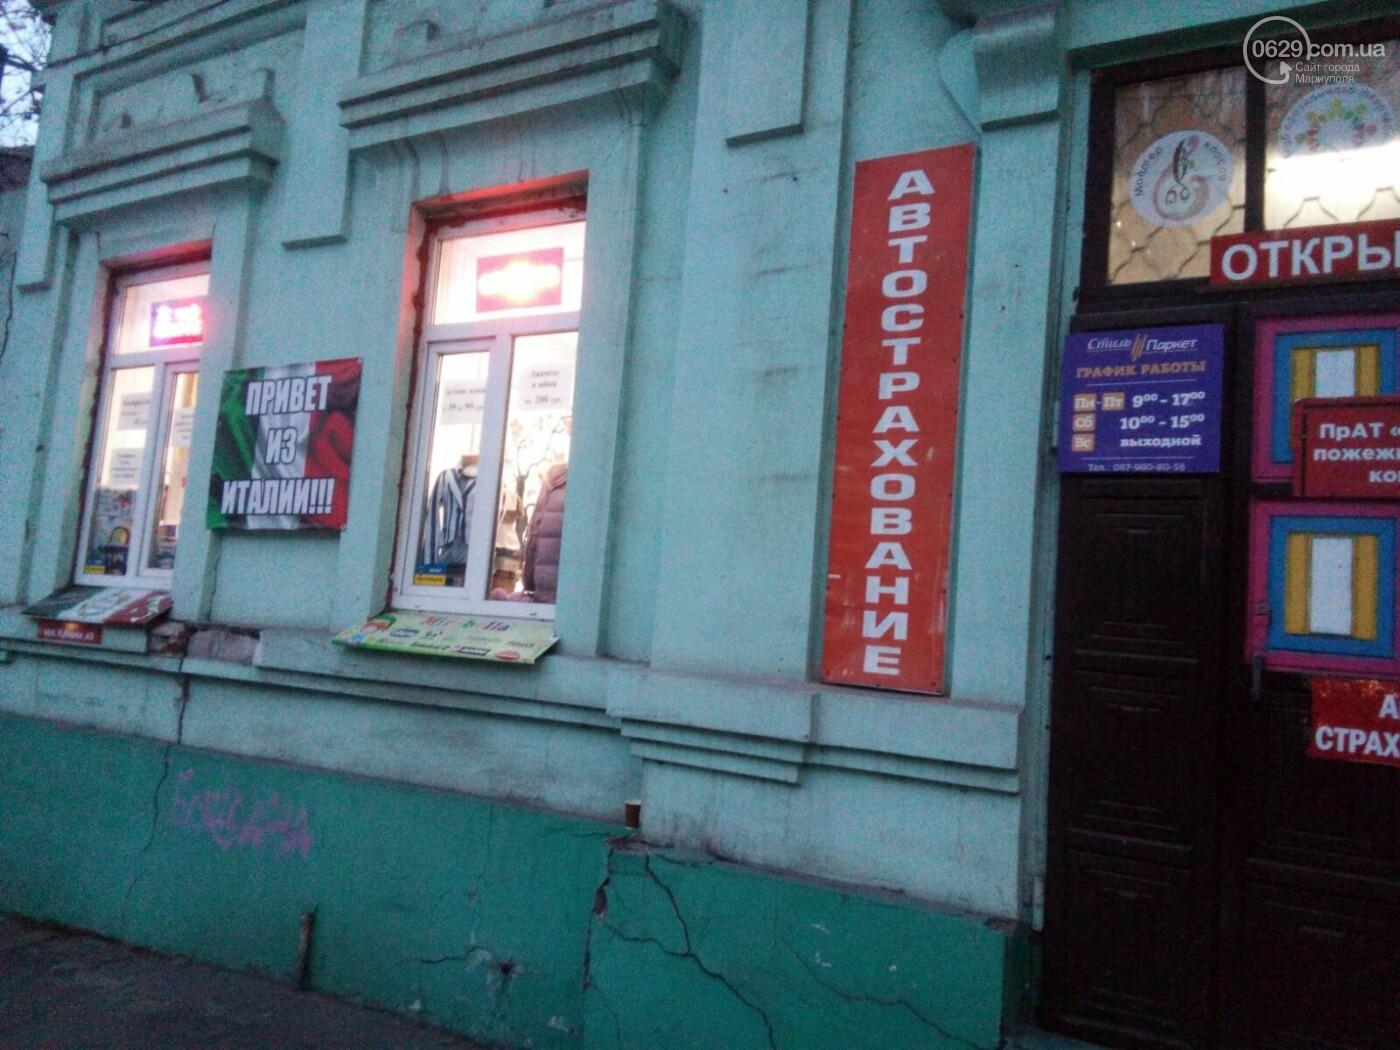 """Черная пятница в итальянском бутике """"Mirabella"""", фото-1"""